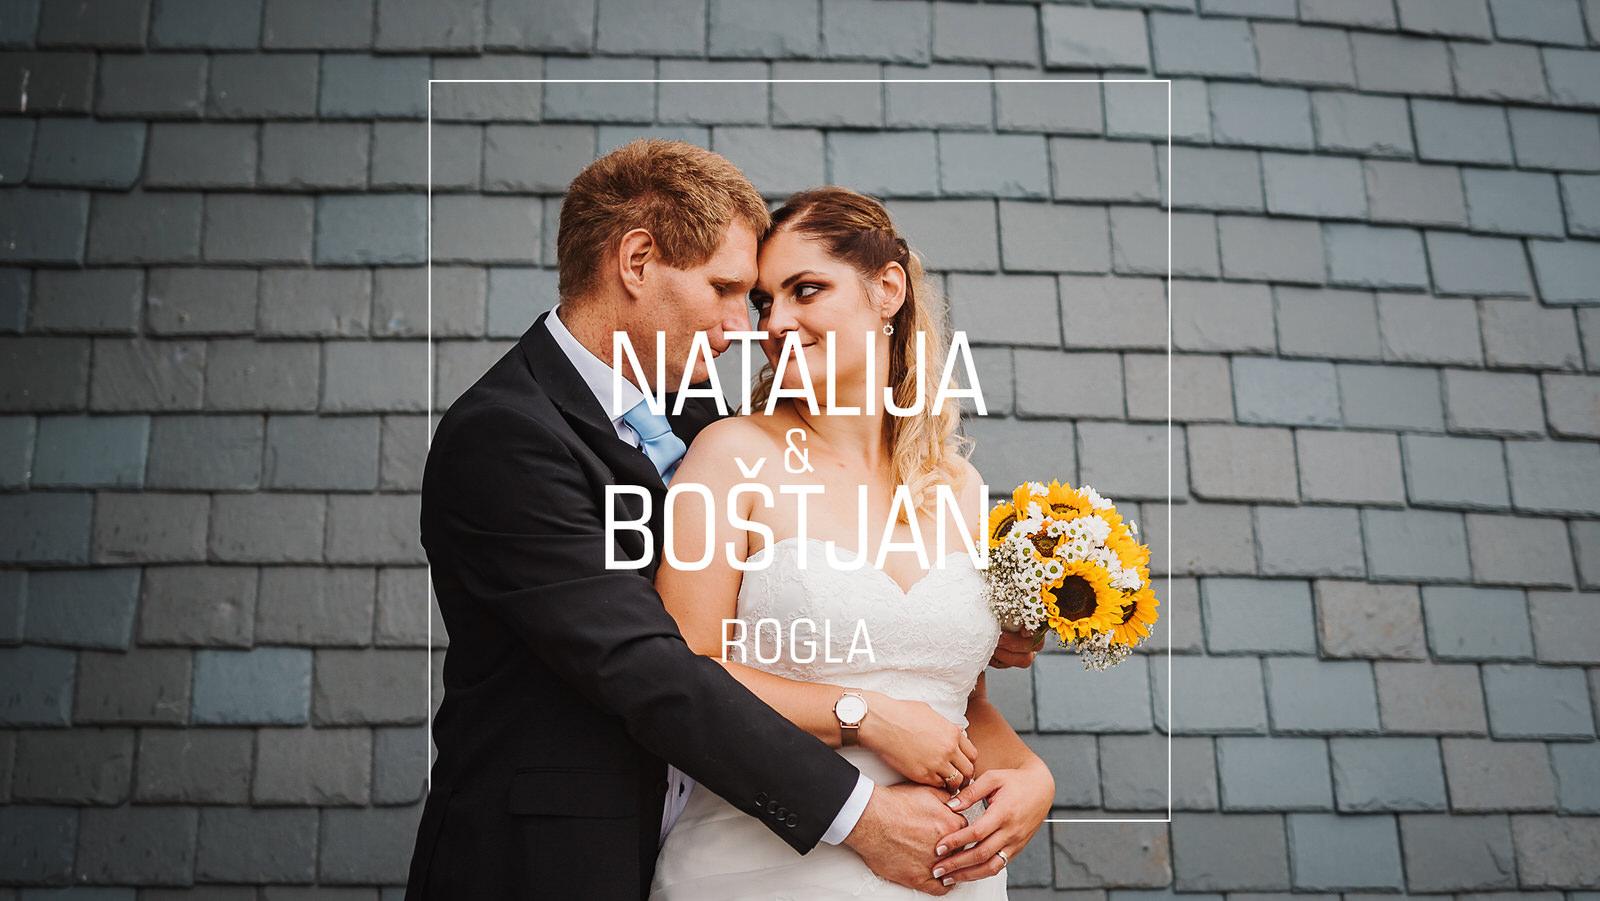 Natalija in Boštjan.jpg